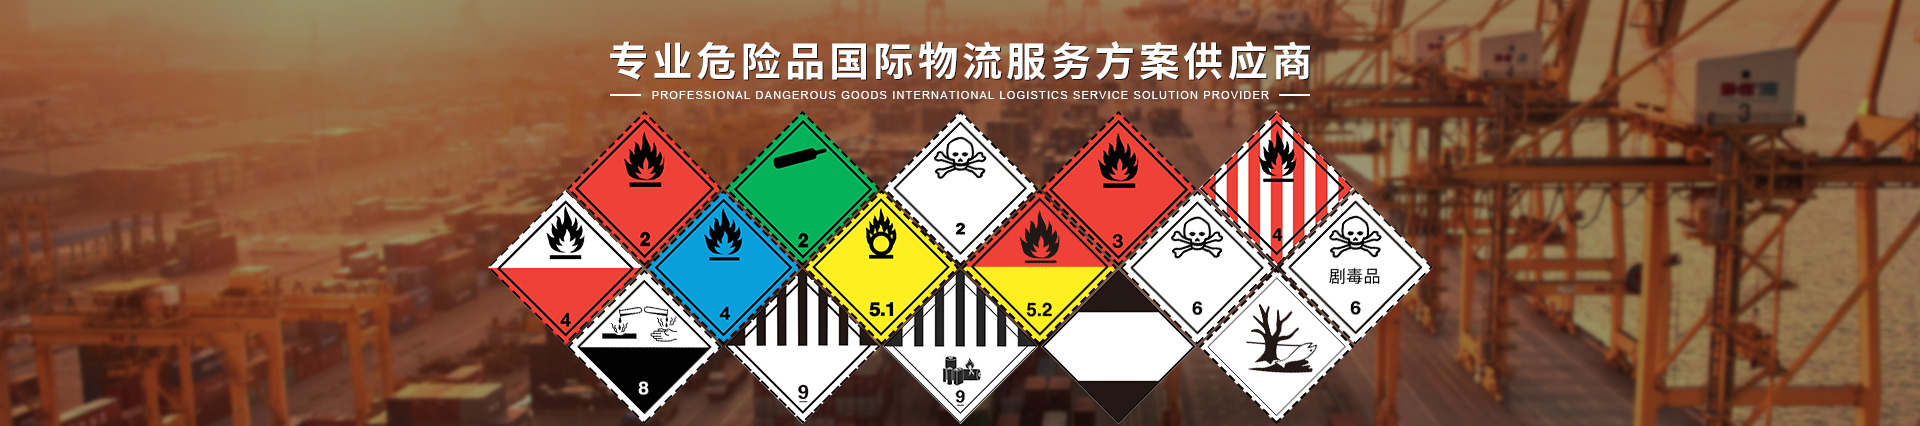 专业2.2类危险品灭火器货代